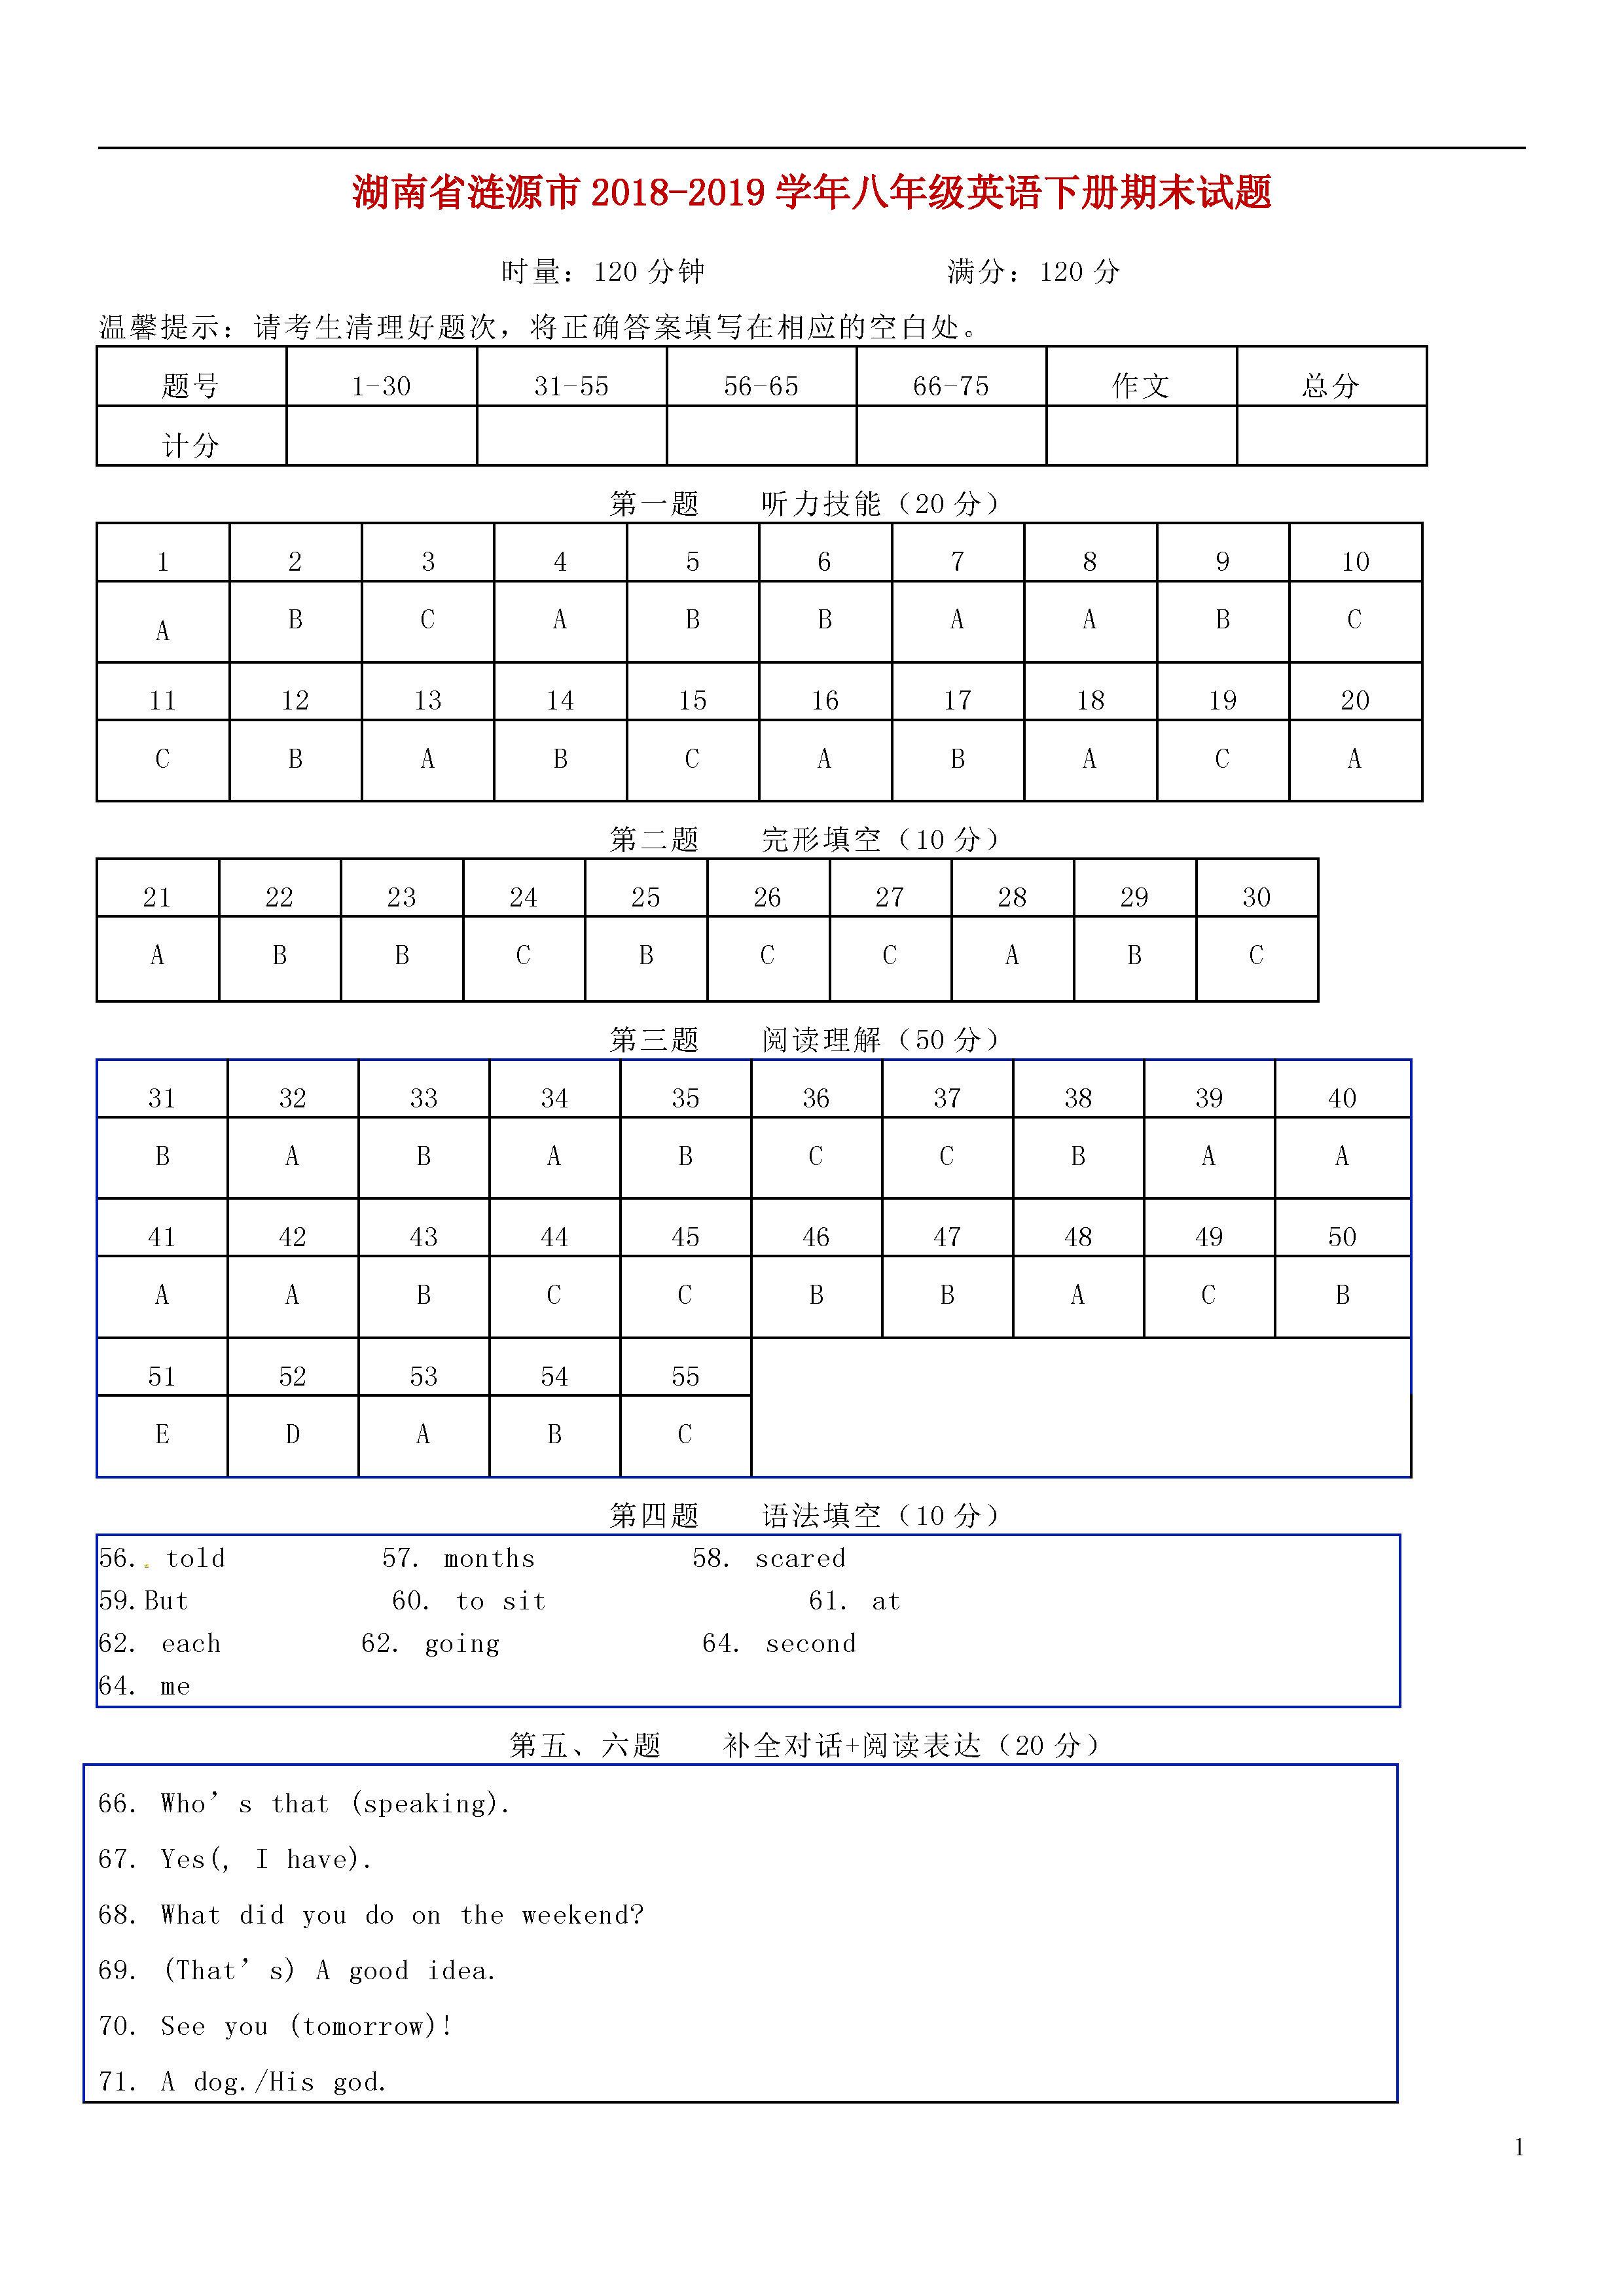 湖南省涟源市2018-2019八年级英语下册期末测试题含答案